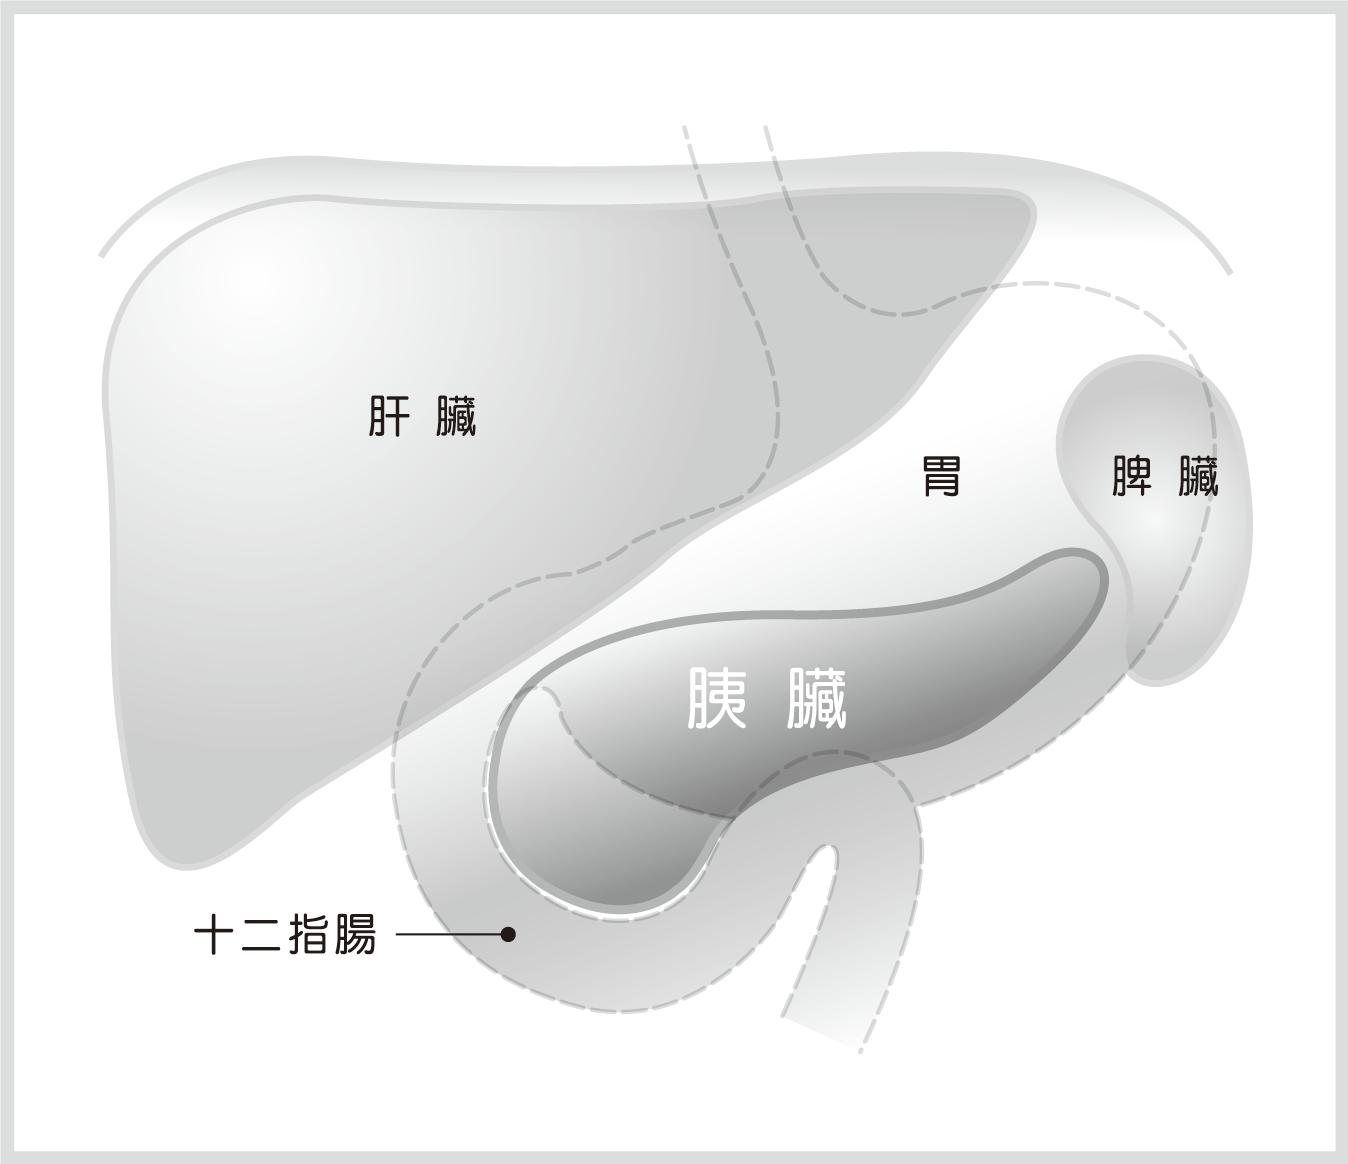 胰臟相對位置示意圖